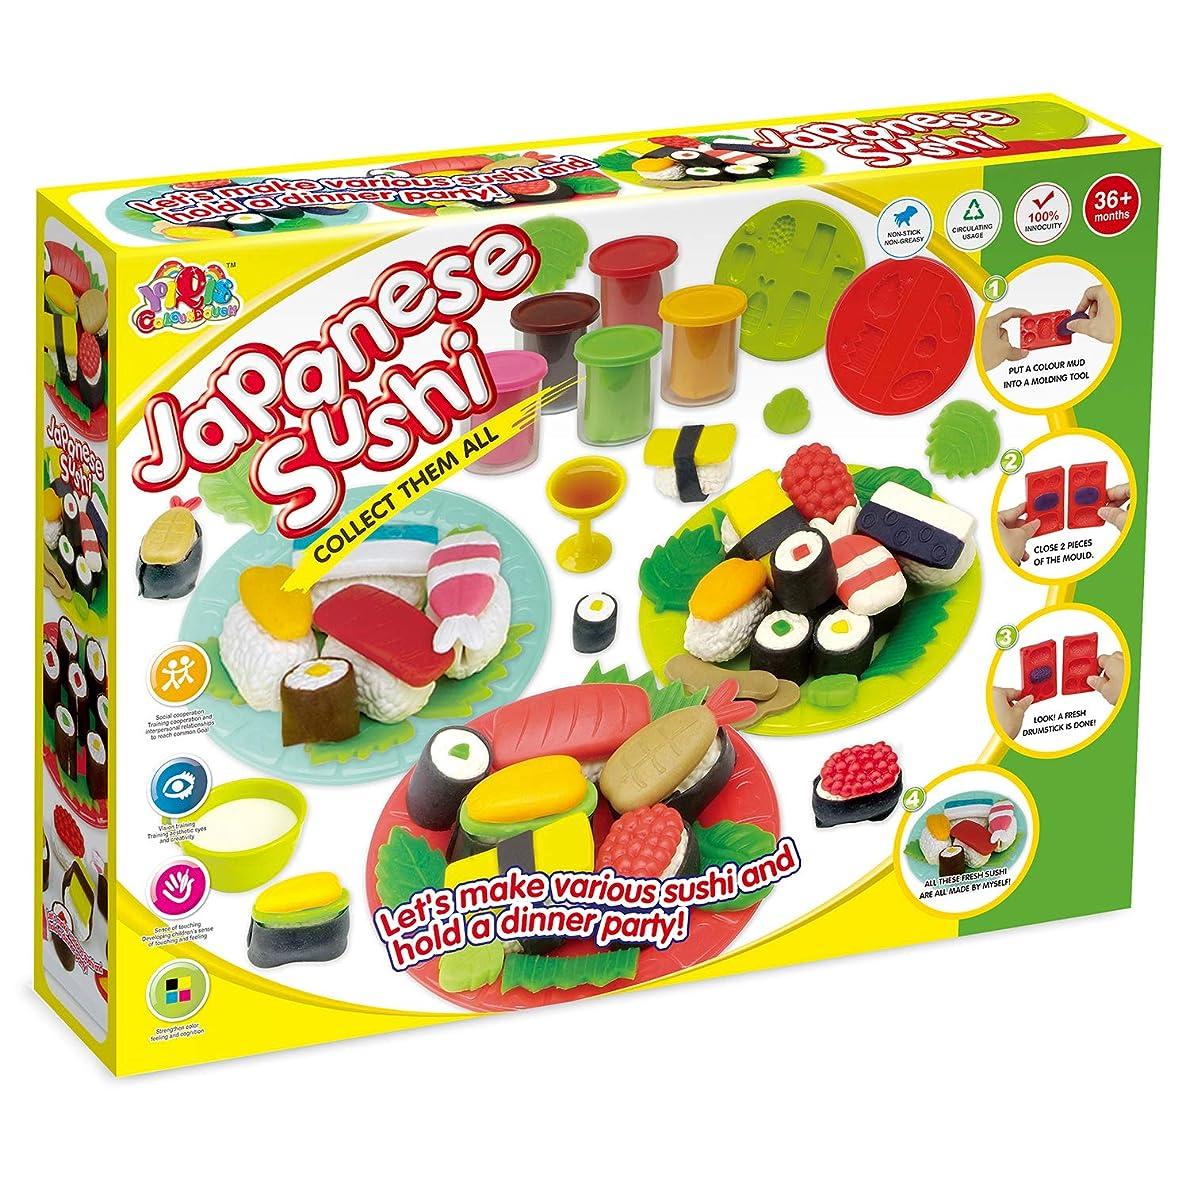 暖かくスクリュースティックねんど おすし屋さんセット Sushiシリーズおもちゃ プラスチシン 粘土DIYセット 8色ねんどセットおままごと 知育玩具